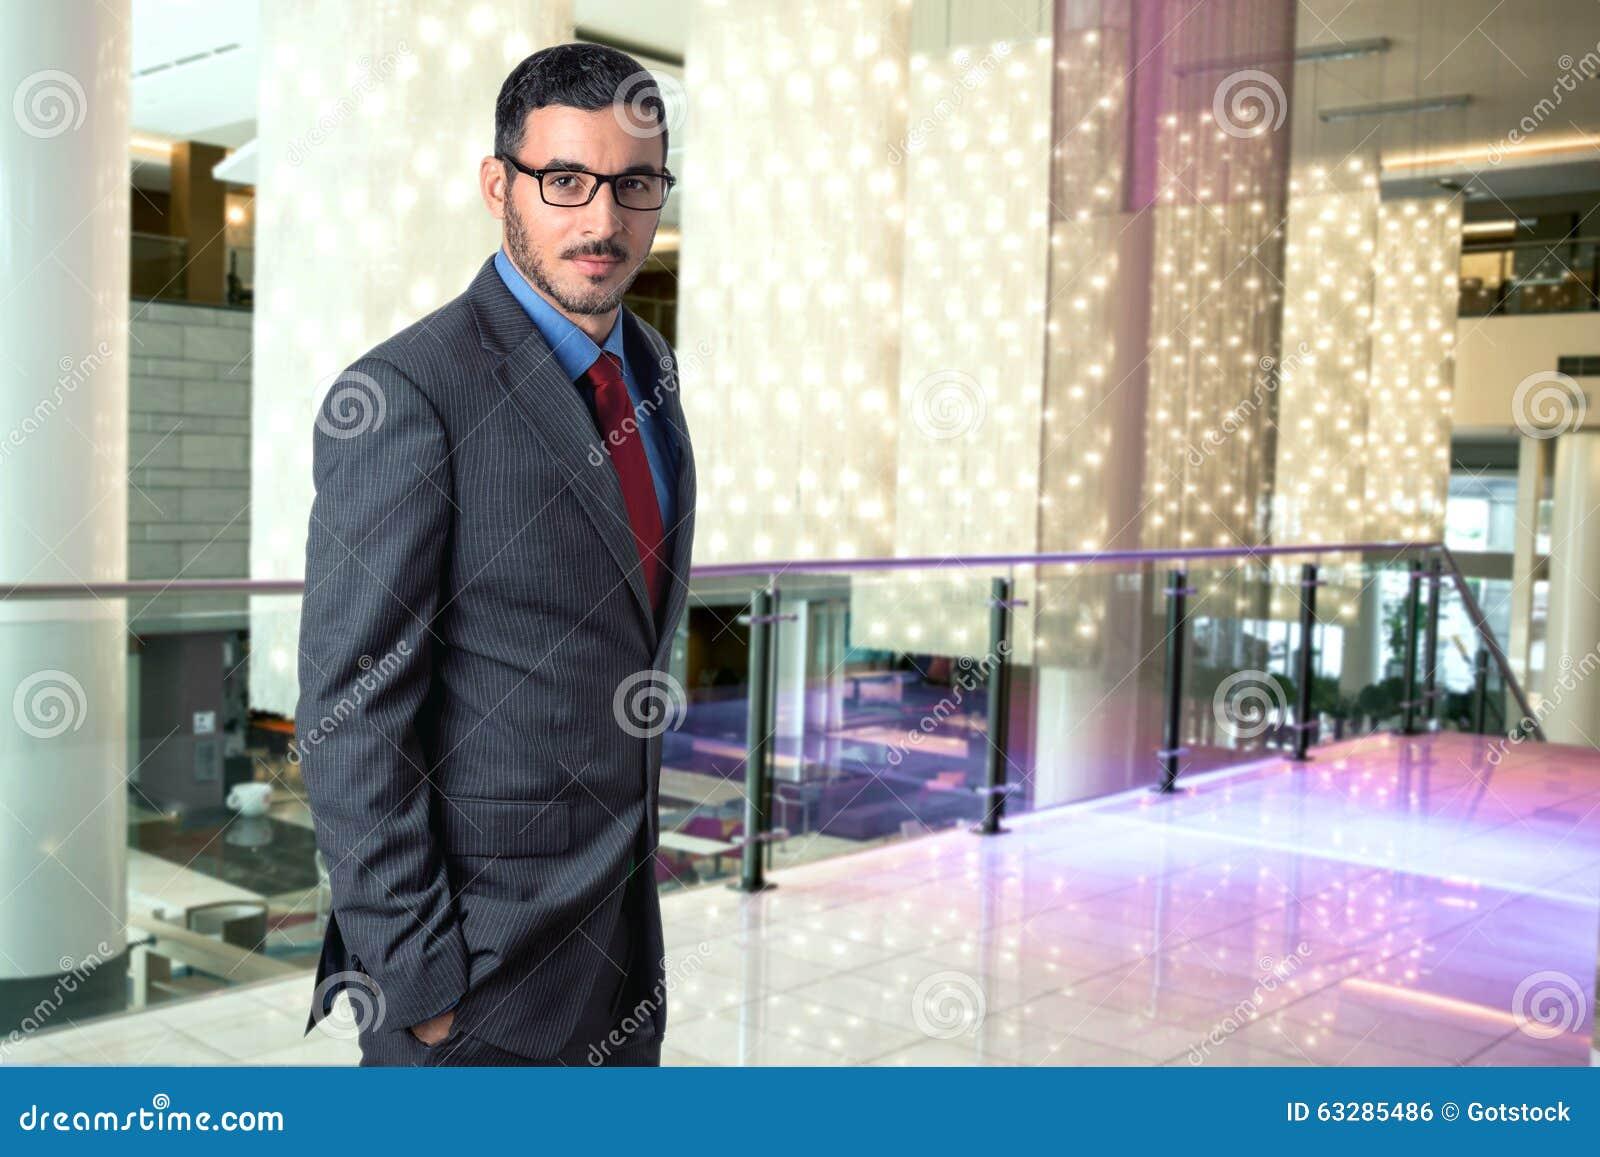 Retrato de um executivo bem sucedido de viagem do homem de empresa em um CEO à moda seguro do local de trabalho da entrada do hot